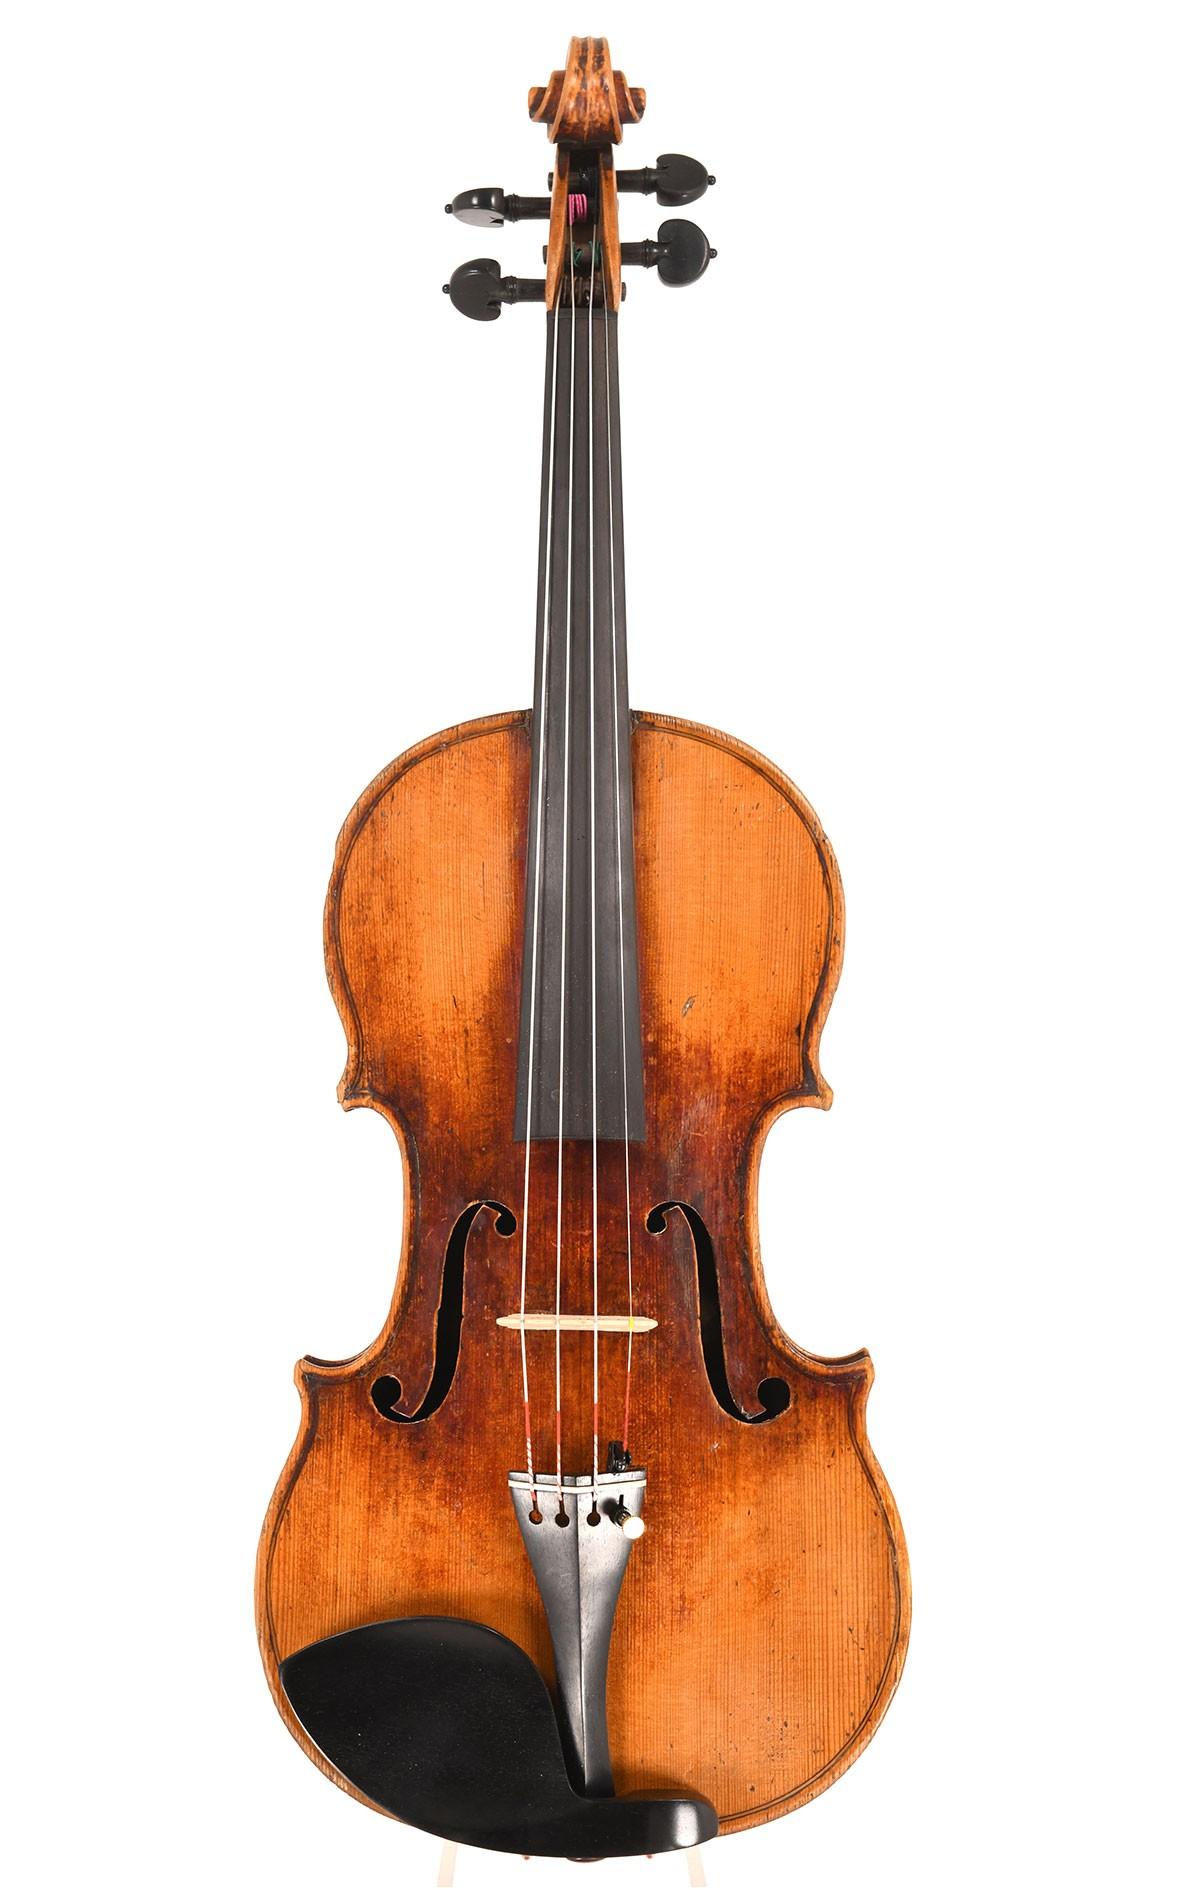 迪迪埃-尼古拉于1810年左右在米勒库尔创作的有趣的小提琴